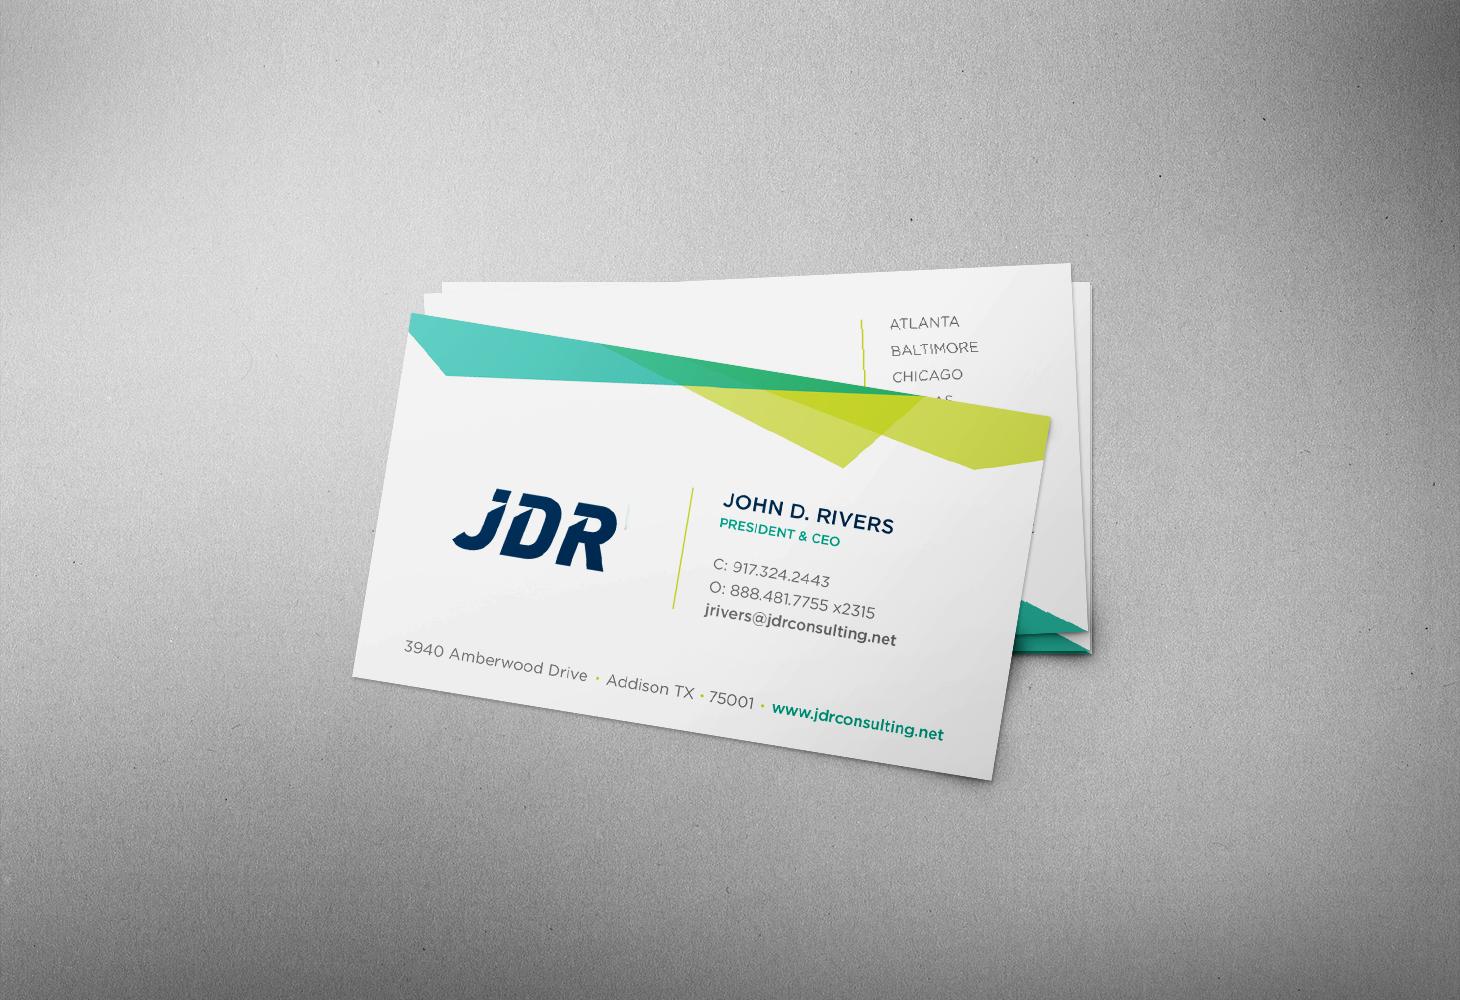 JDR-Business Card Mockup.jpg